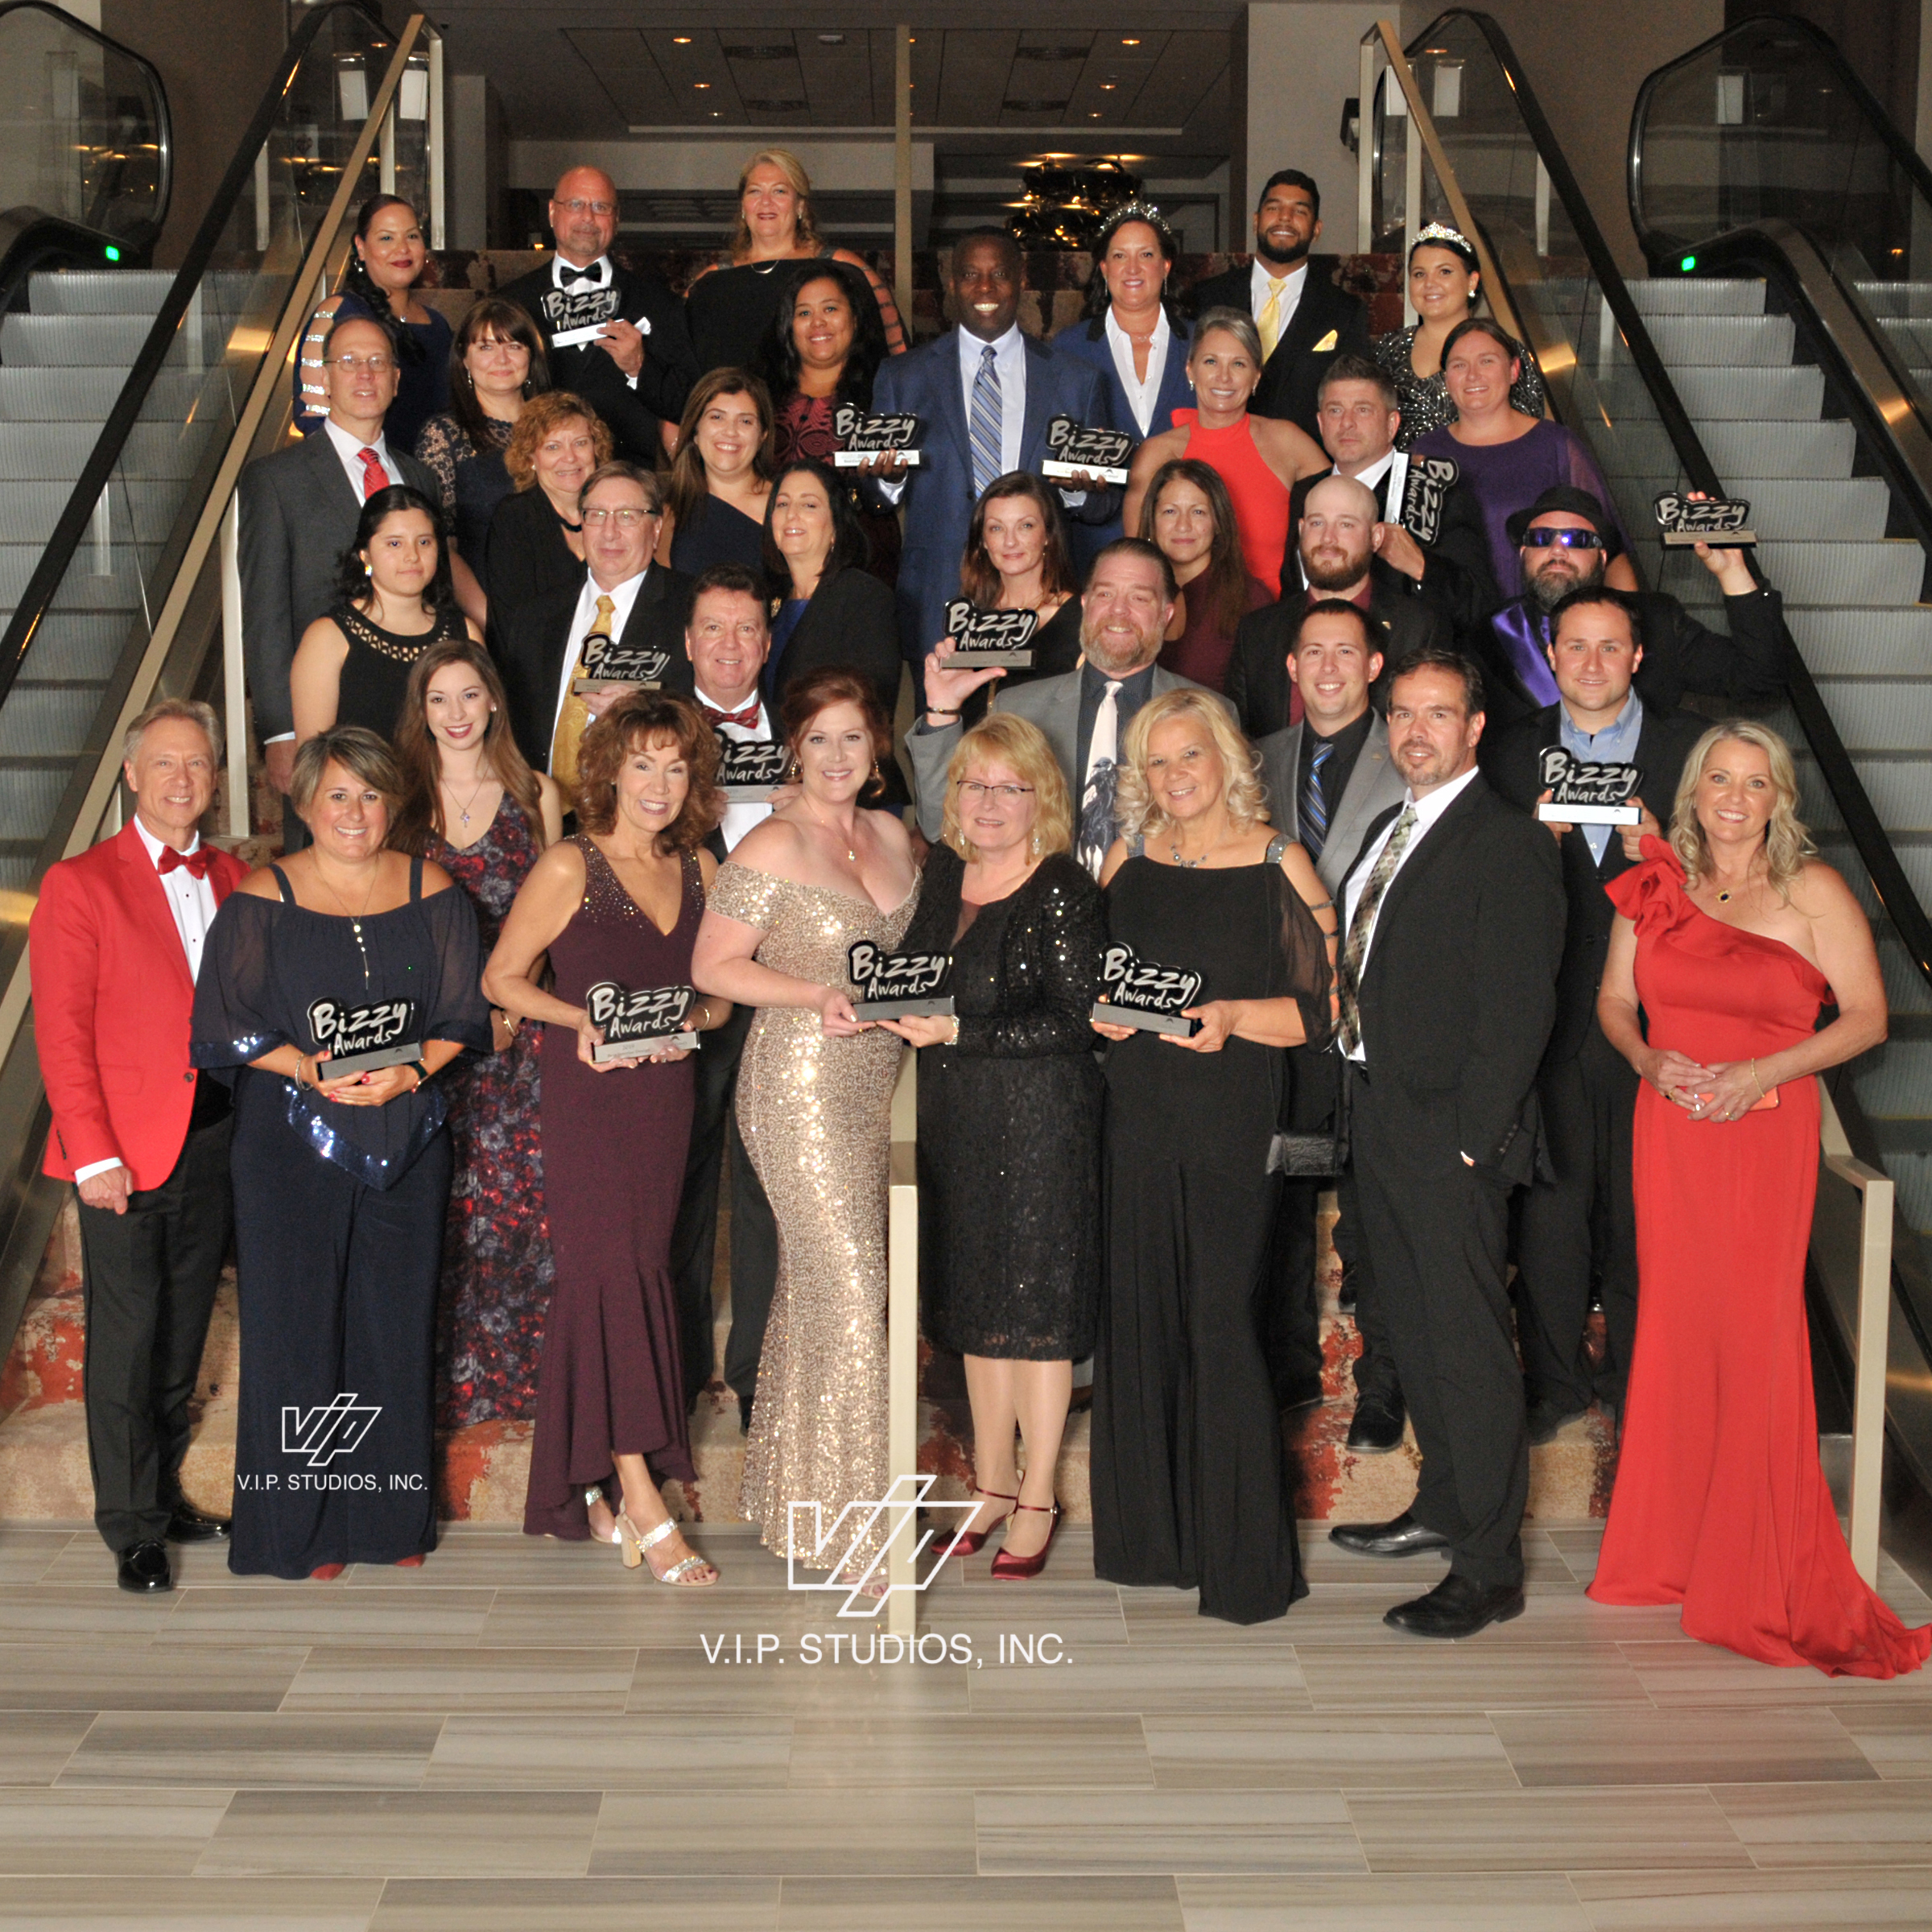 2020 Bizzy Award Winners Photo